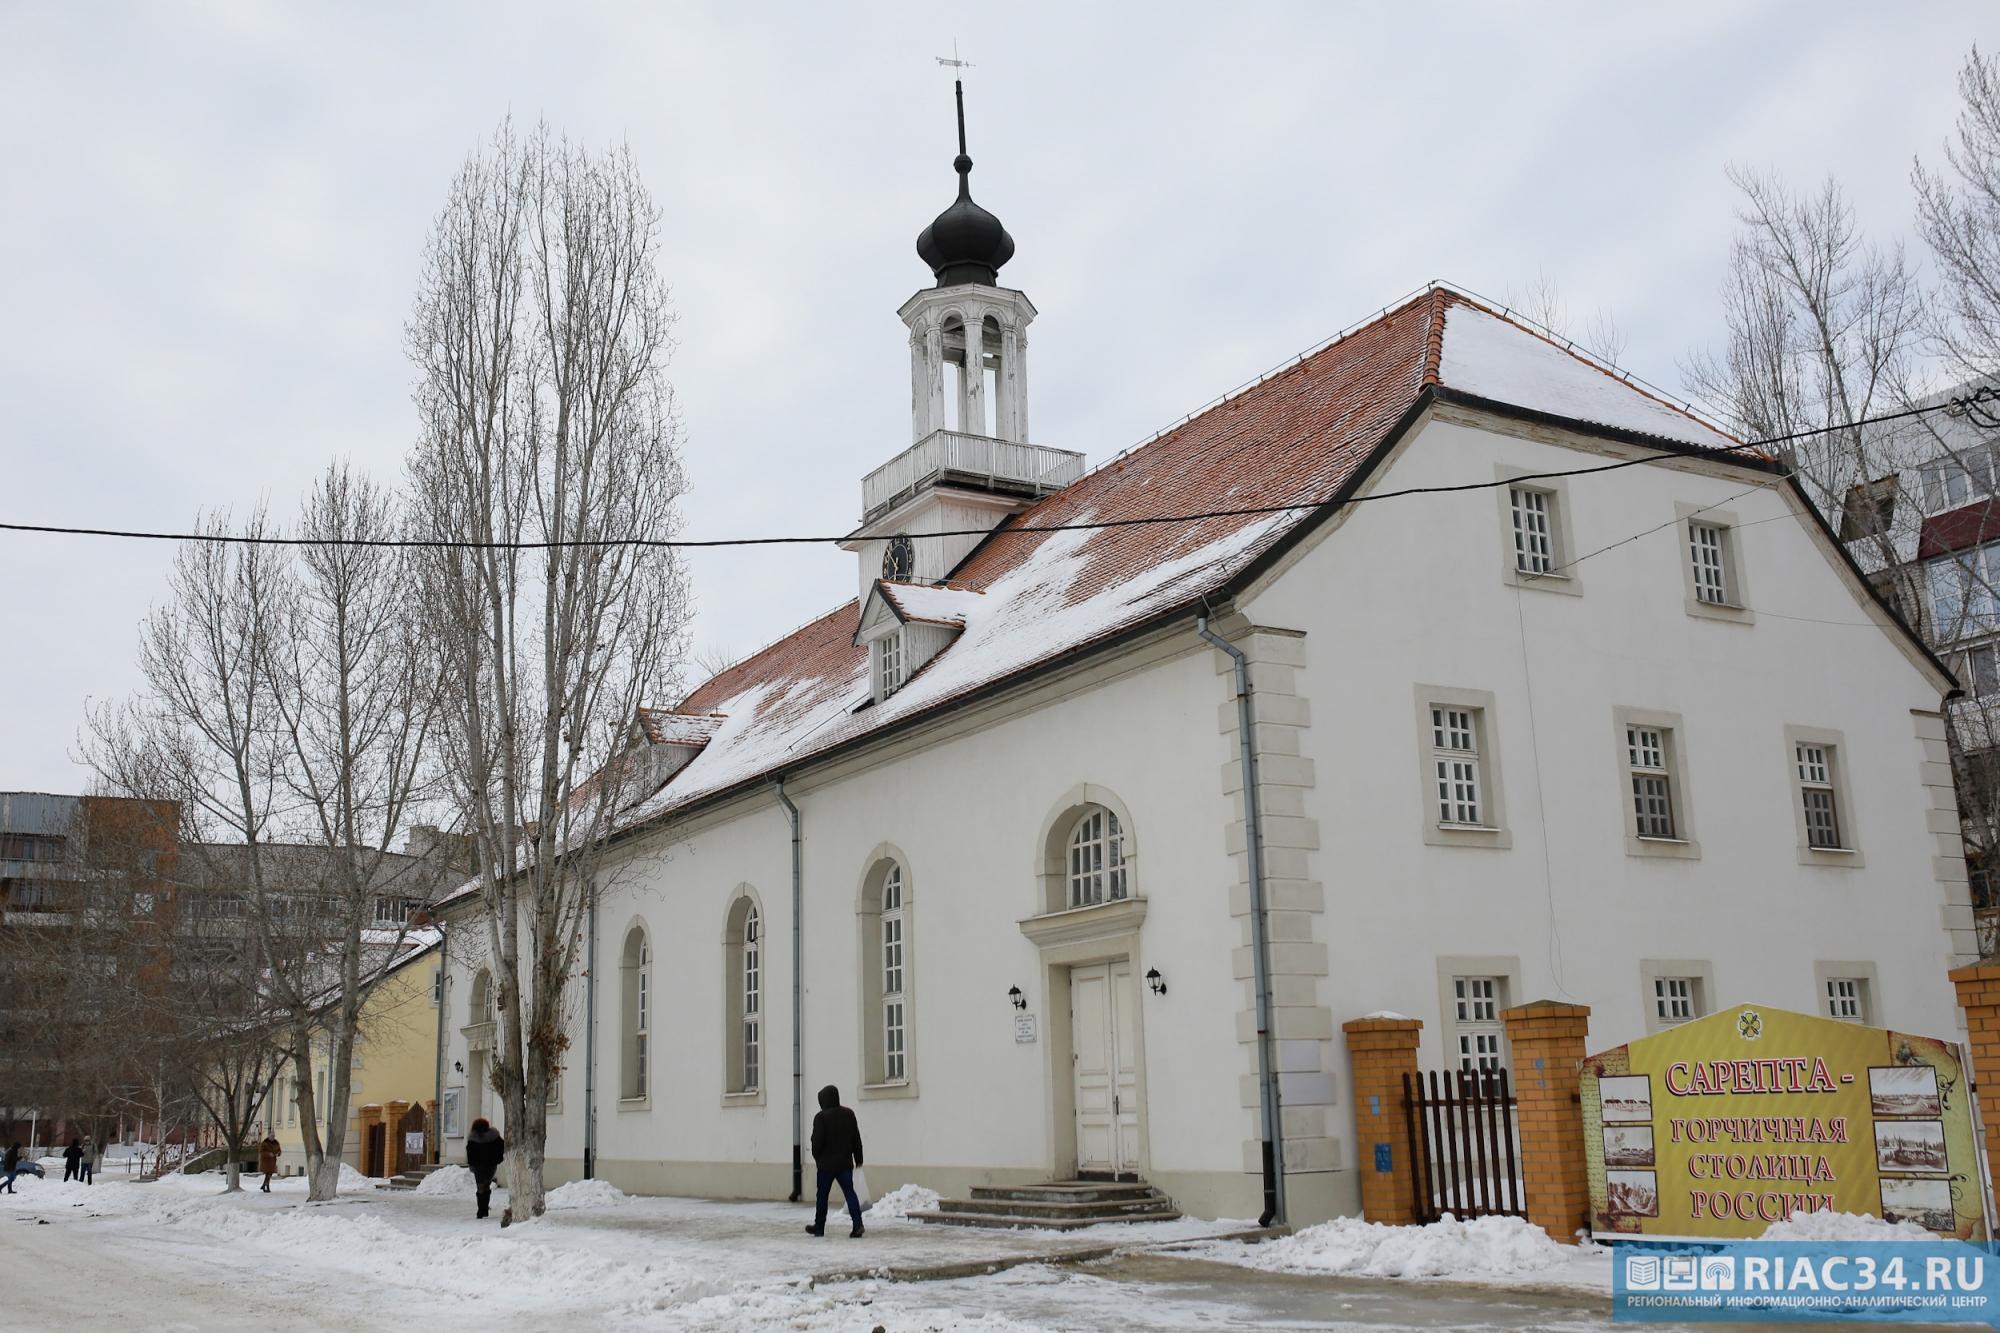 Старая Сарепта откроет резиденцию Деда Мороза